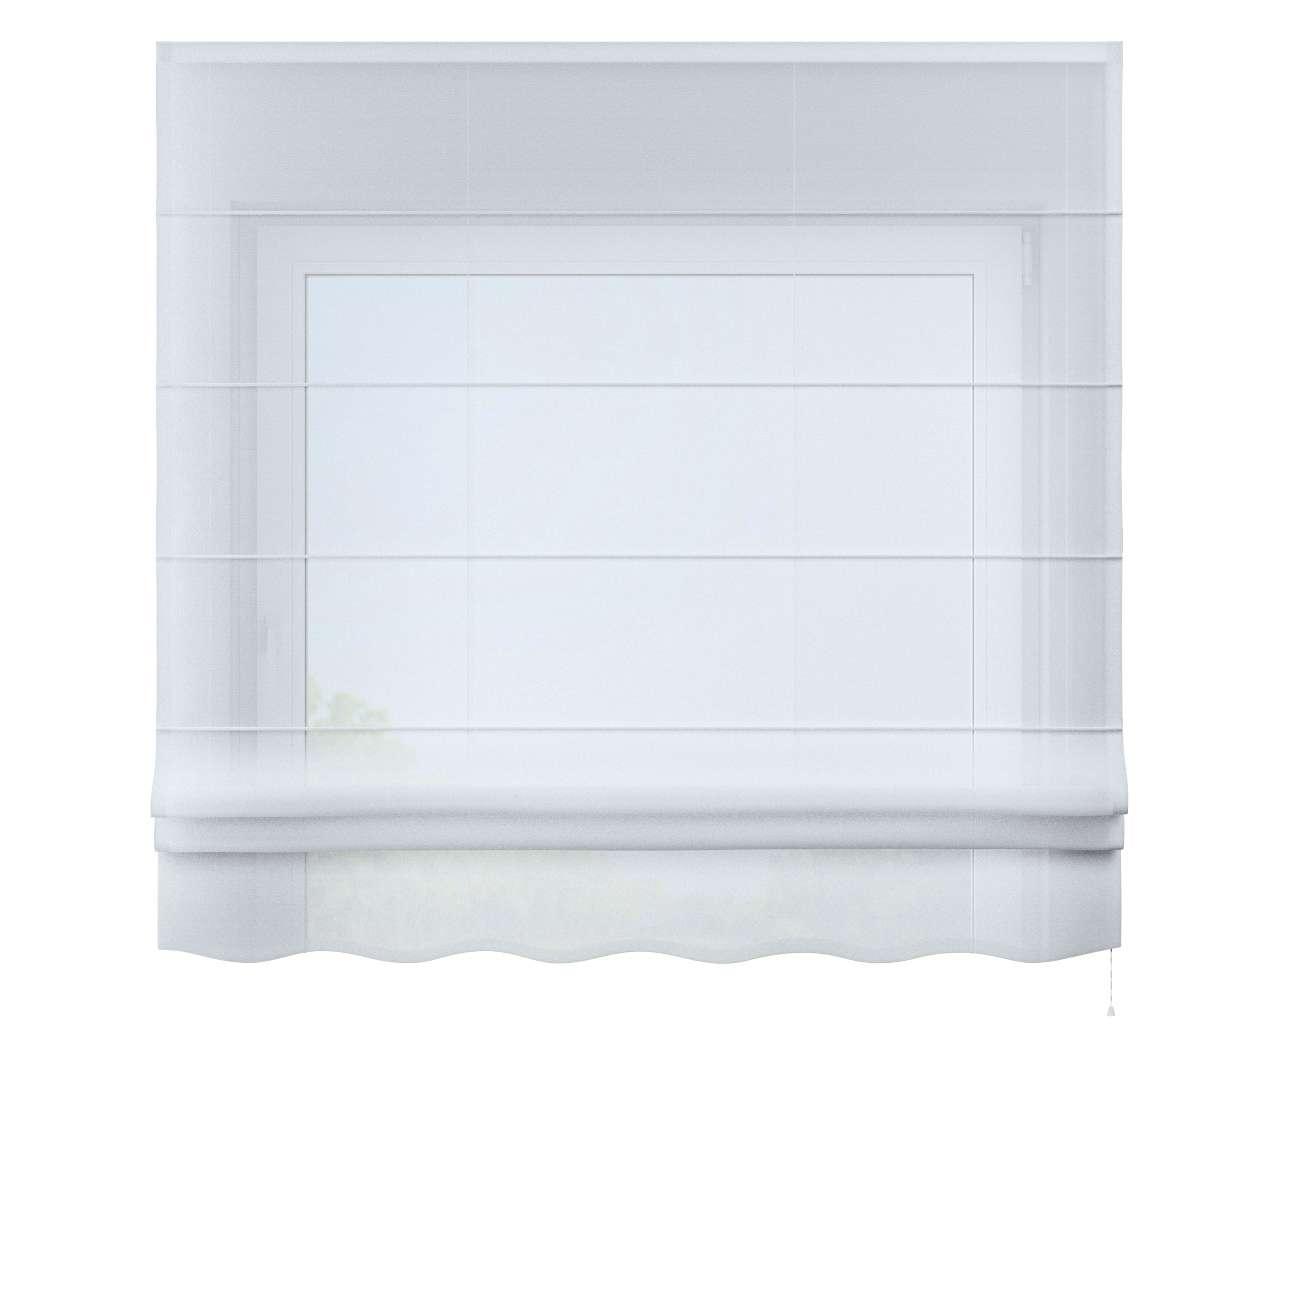 Záclonová roleta Napoli  100 x 180 cm V kolekcii Záclona hladká, tkanina: 900-00